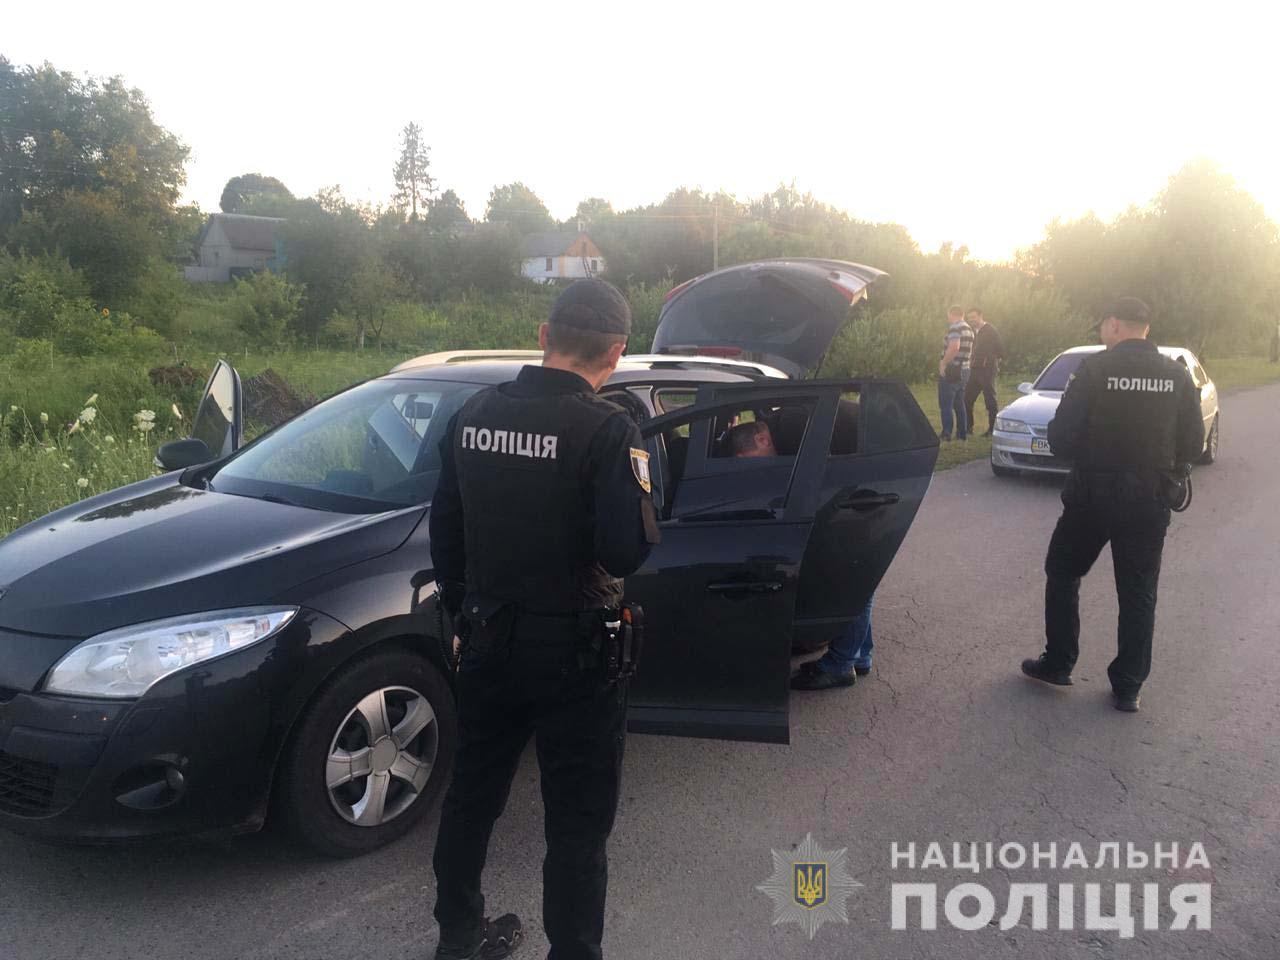 У Рівному заарештували іноземця, який викрав із авто понад 200 тисяч гривень